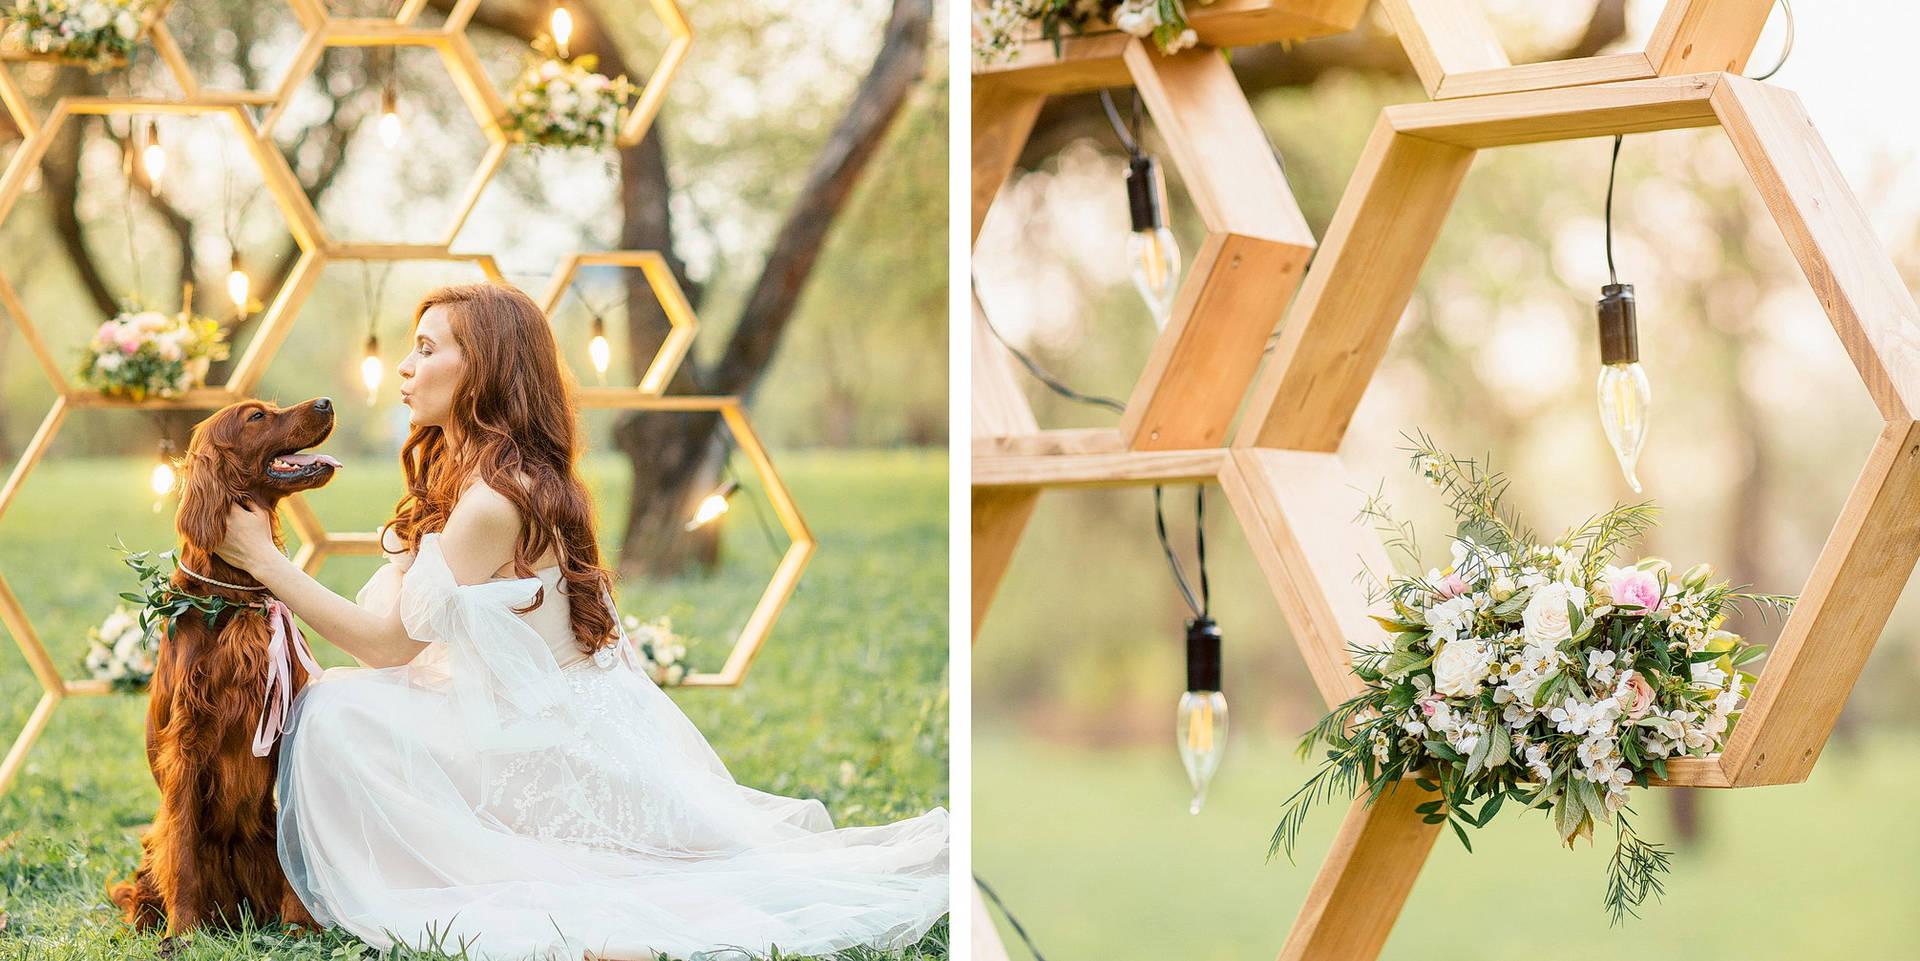 развлечение гостей на свадьбе